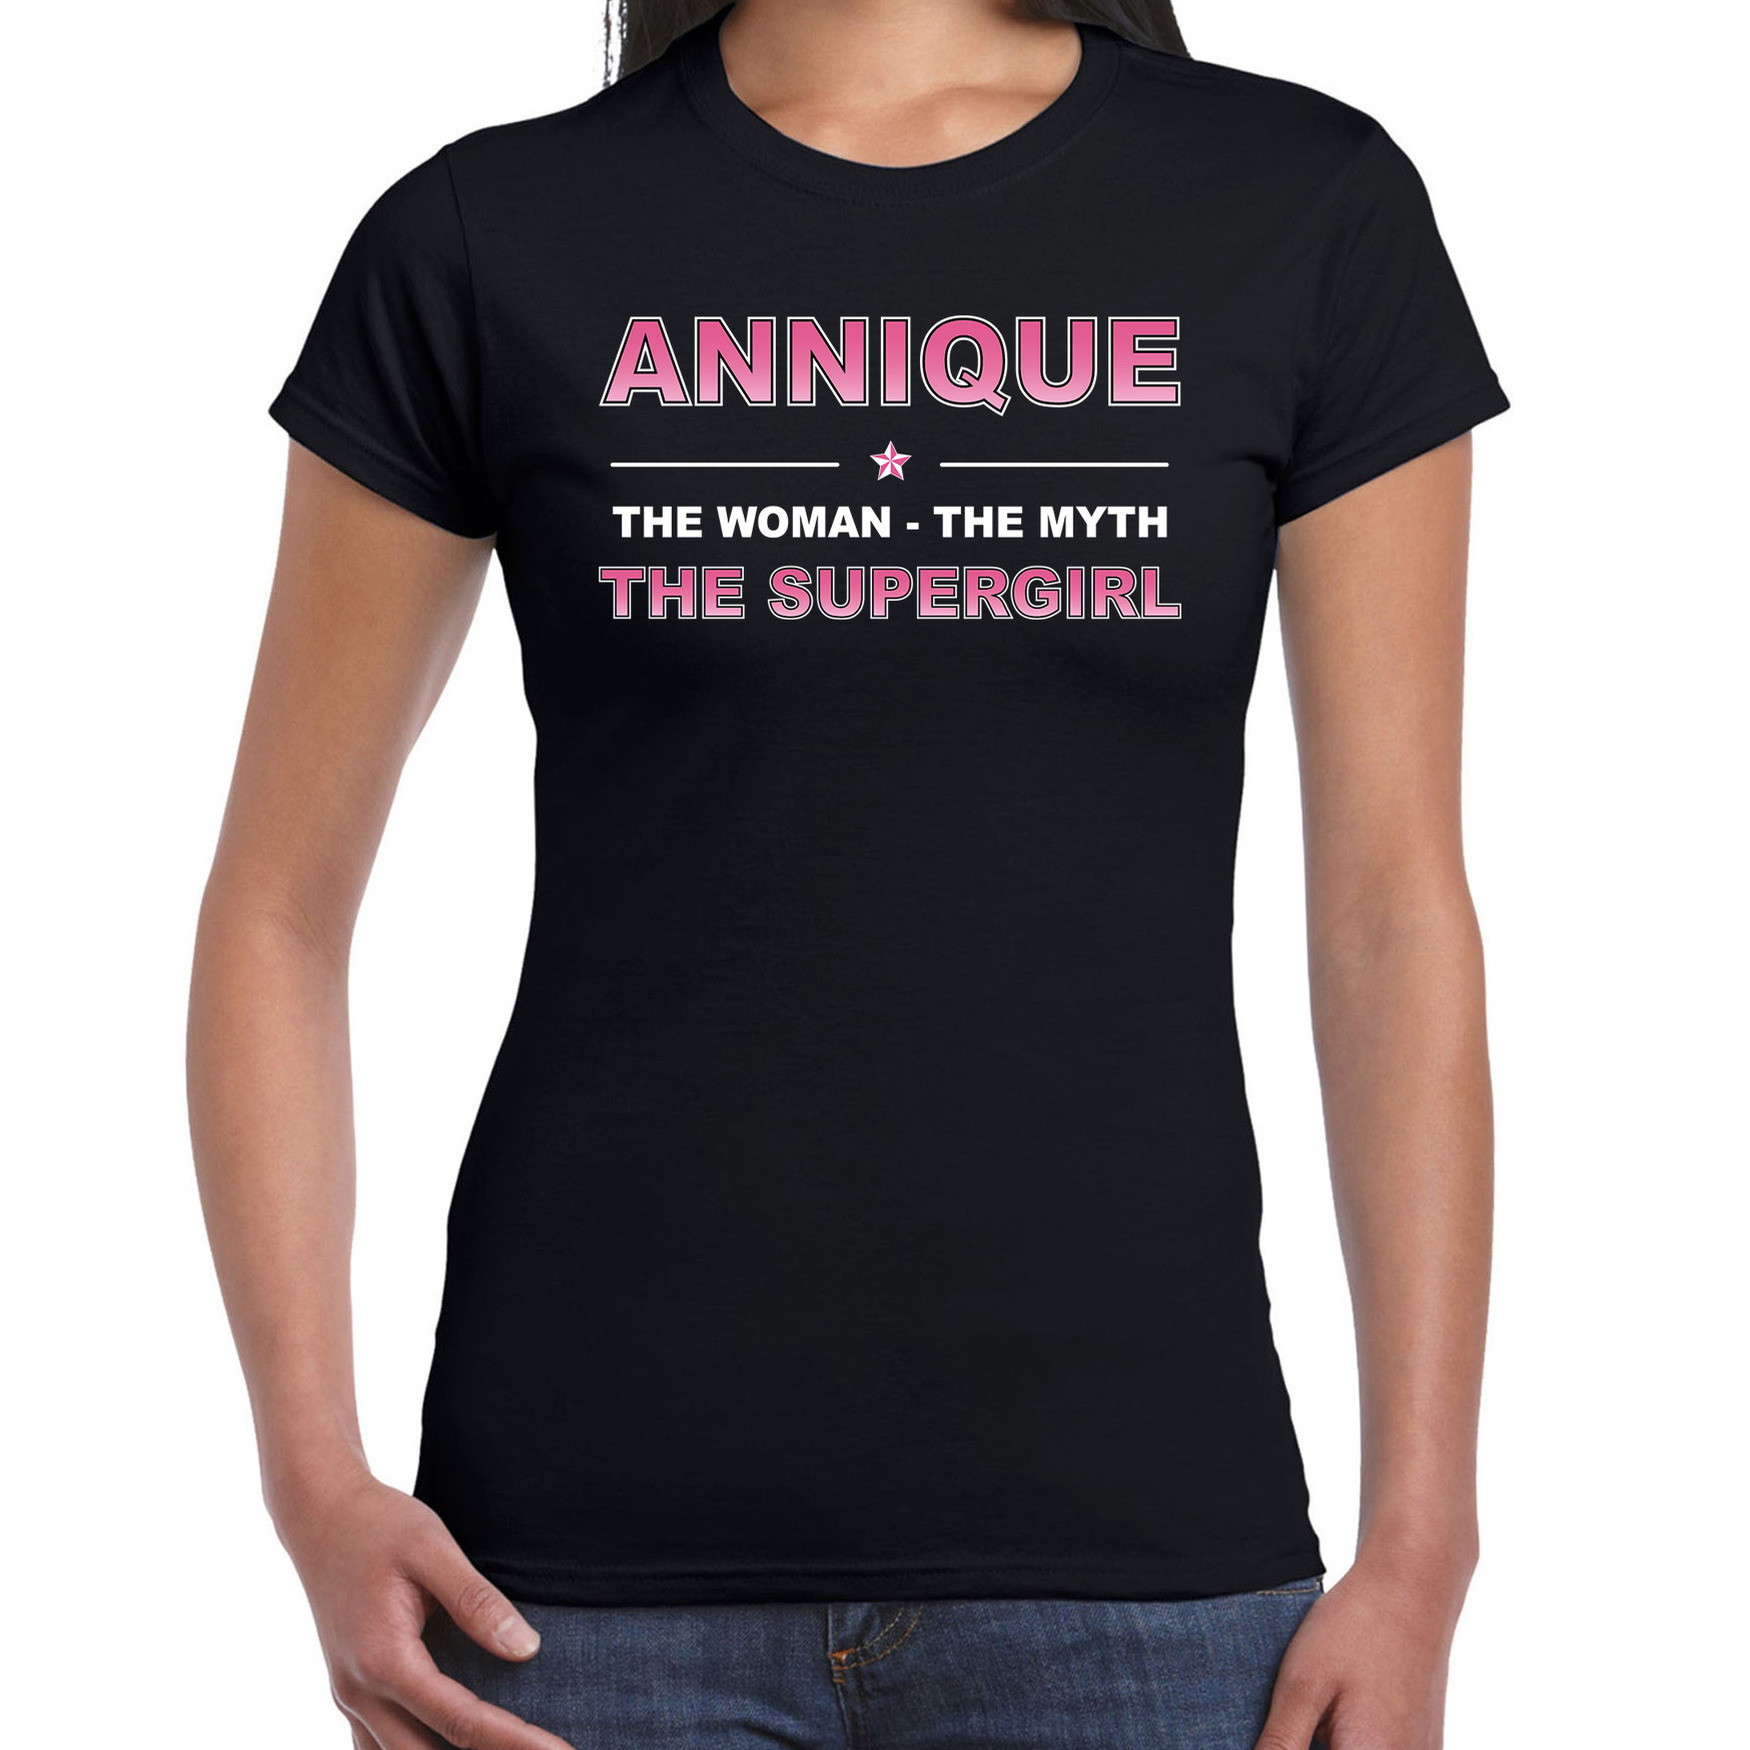 Naam cadeau t-shirt / shirt Annique - the supergirl zwart voor dames